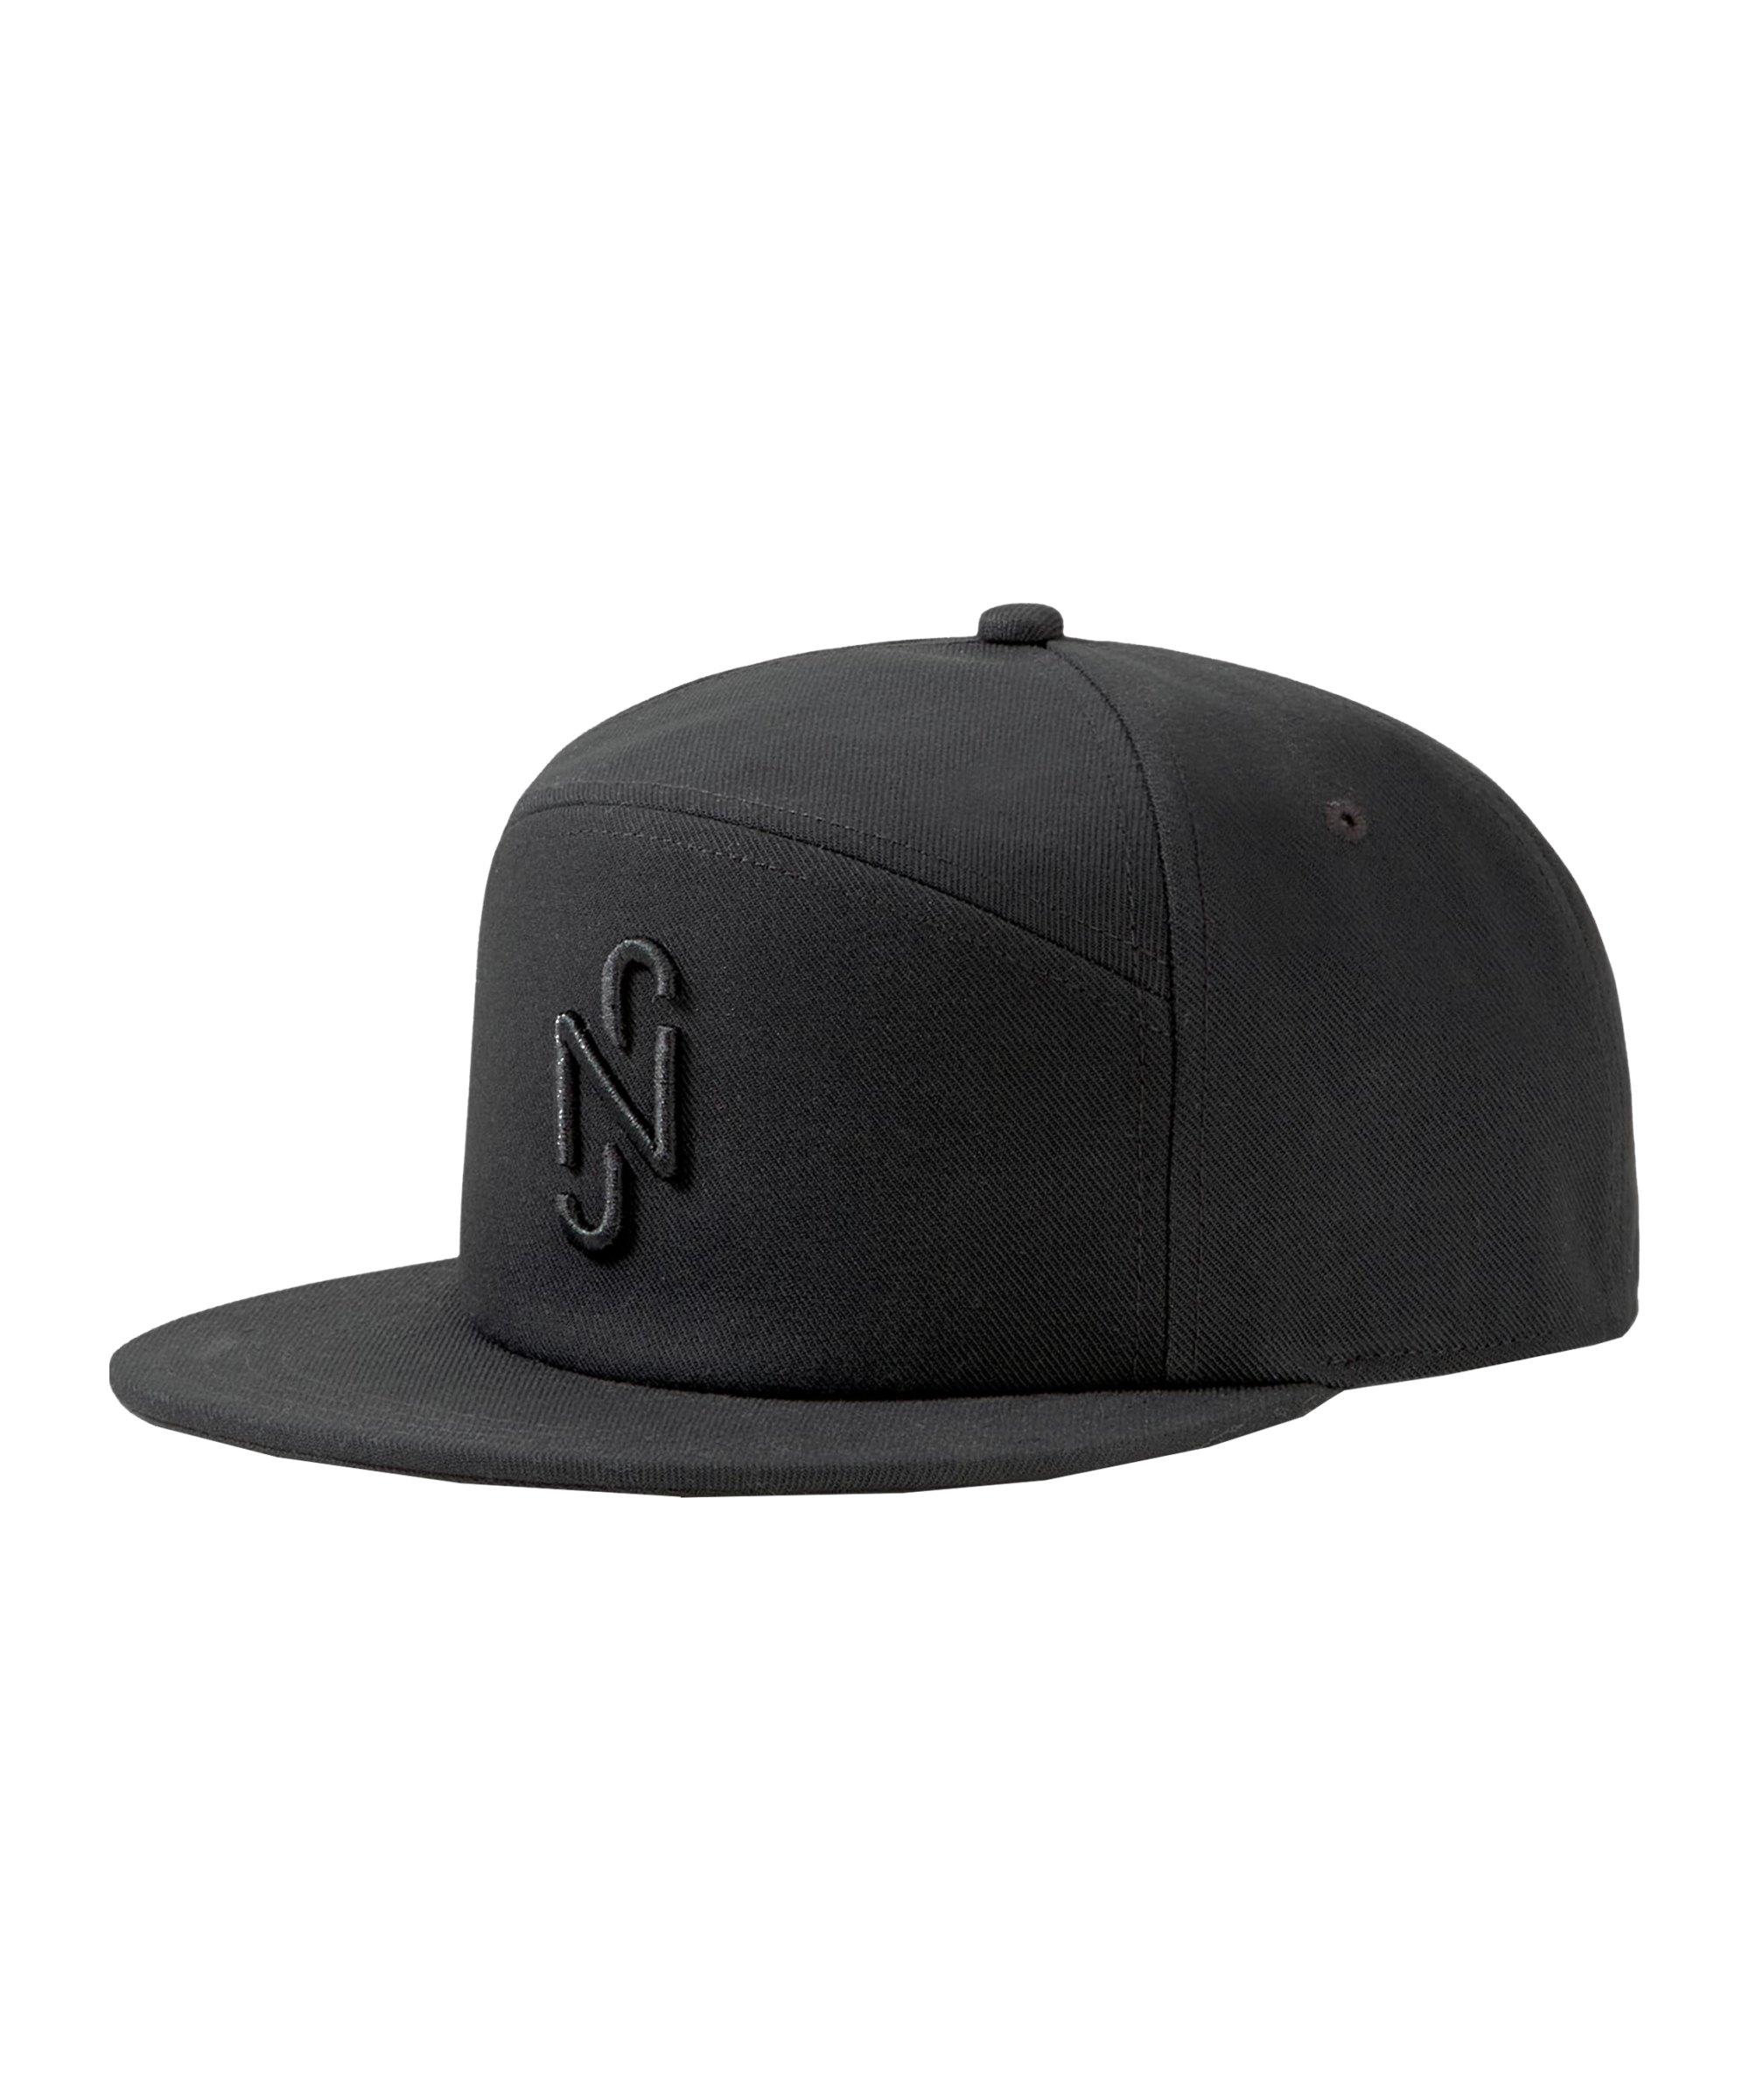 PUMA NJR Cap Schwarz F01 - schwarz